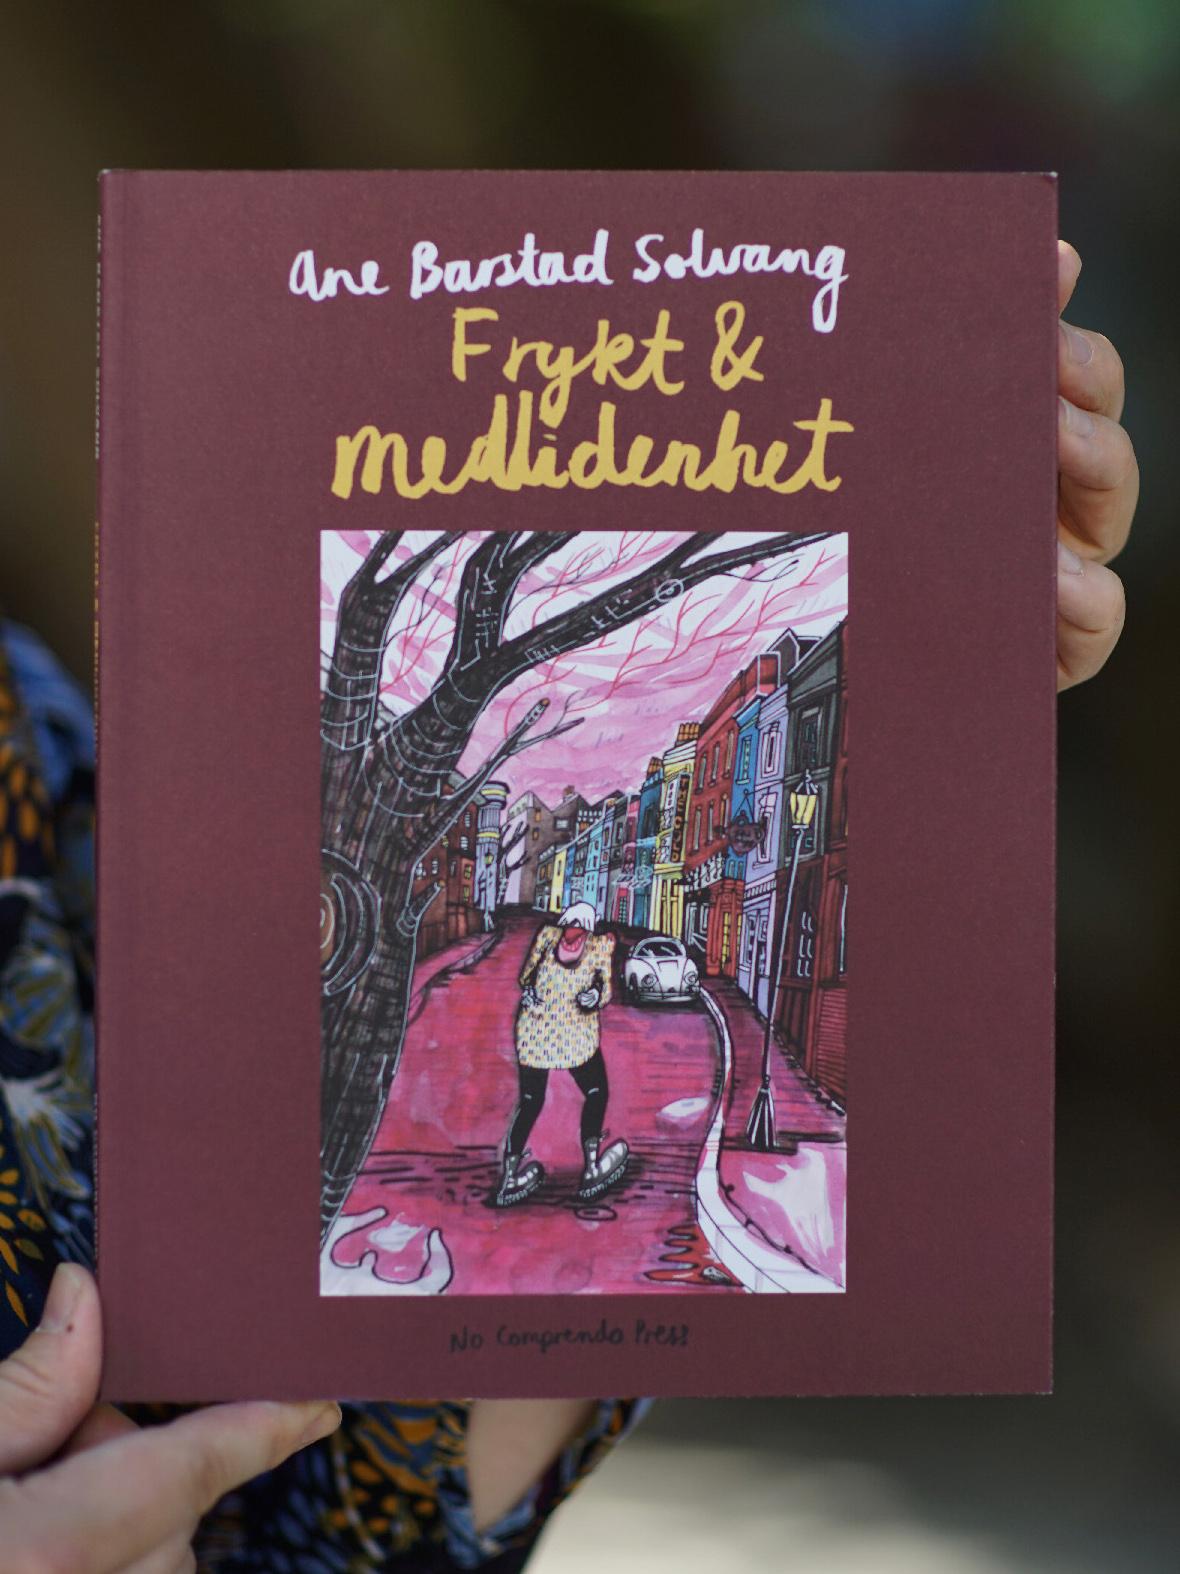 Omslaget til tegneserien Frykt og medlidenhet av Ane Barstad Solvang